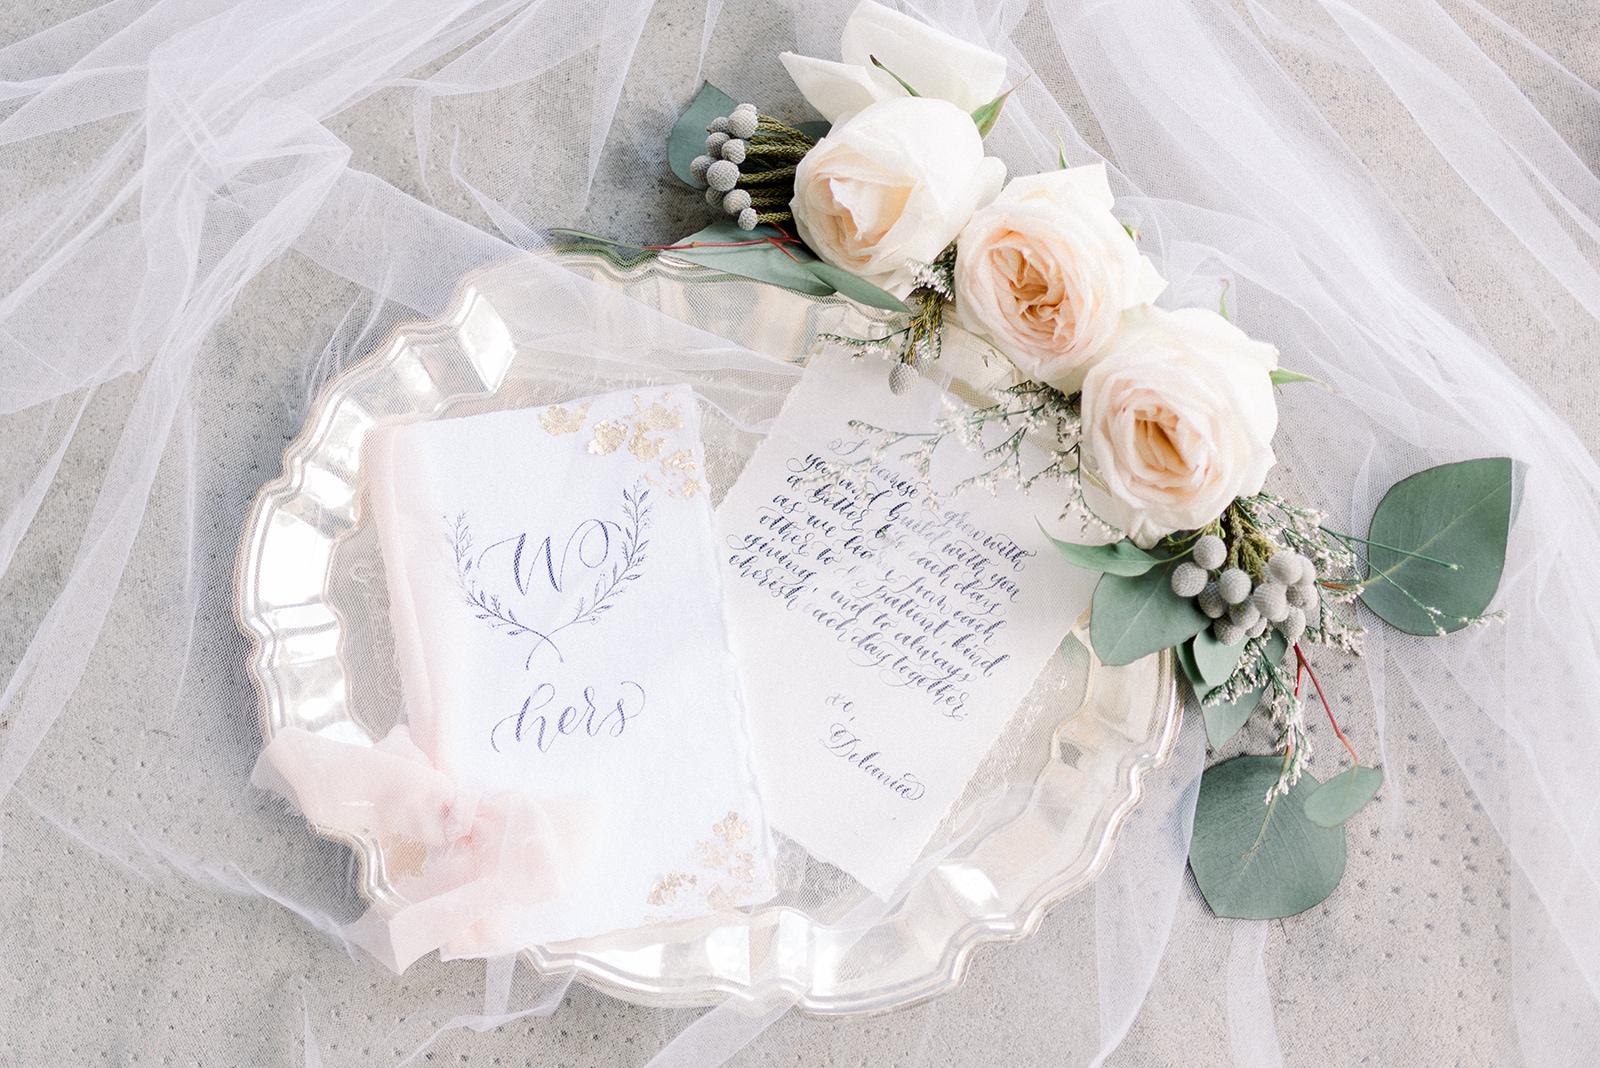 Cairnwood Estates wedding details72.jpg